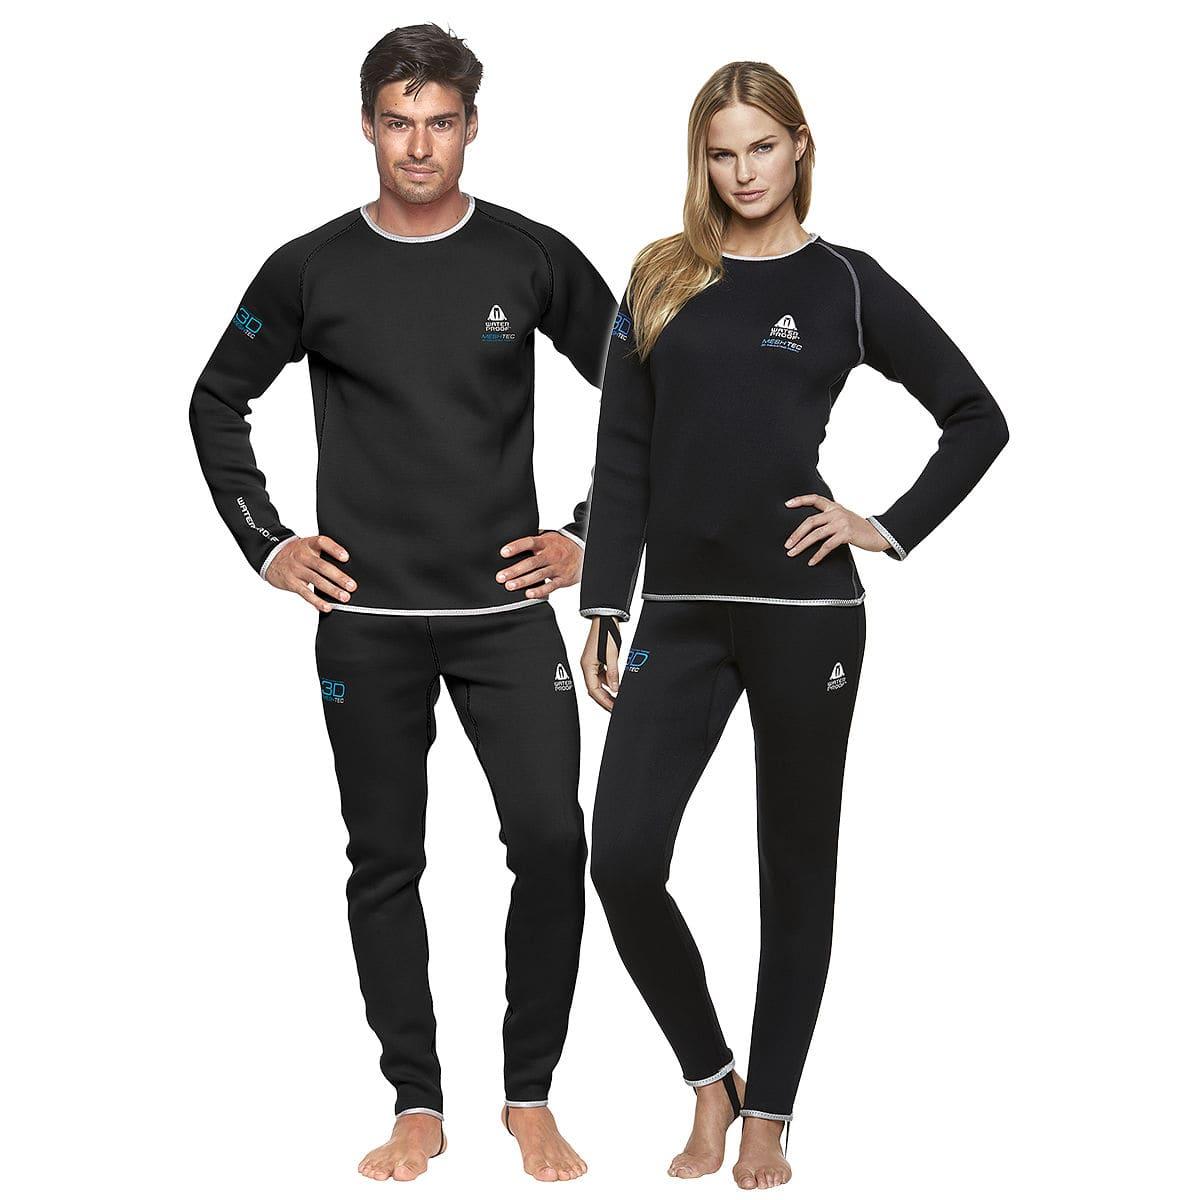 6741695d4ae Pantalon sous-vêtement pour homme   pour femme - MESHTEC ...